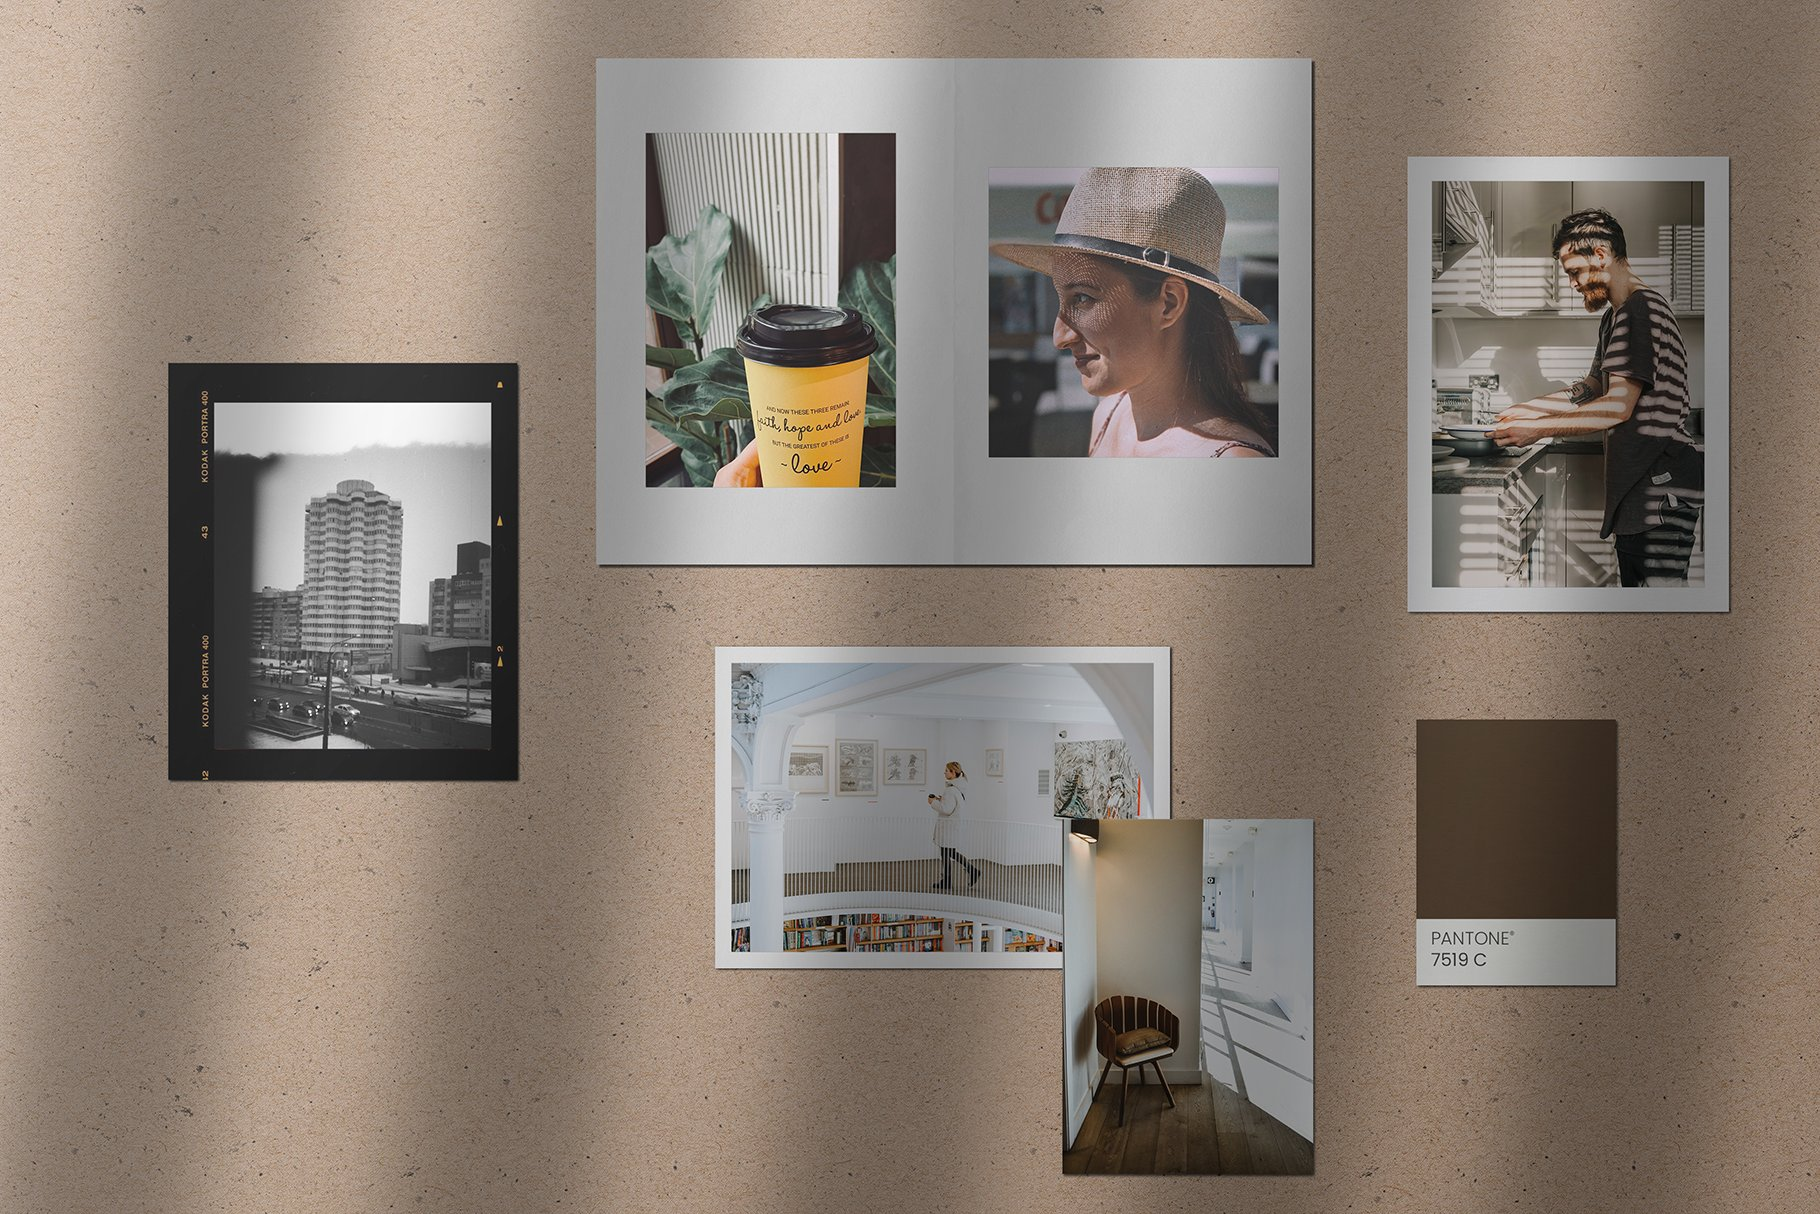 时尚优雅剪贴相片情绪版卡片设计展示智能贴图样机PSD模板 Moodboard Mockup Kit插图(4)